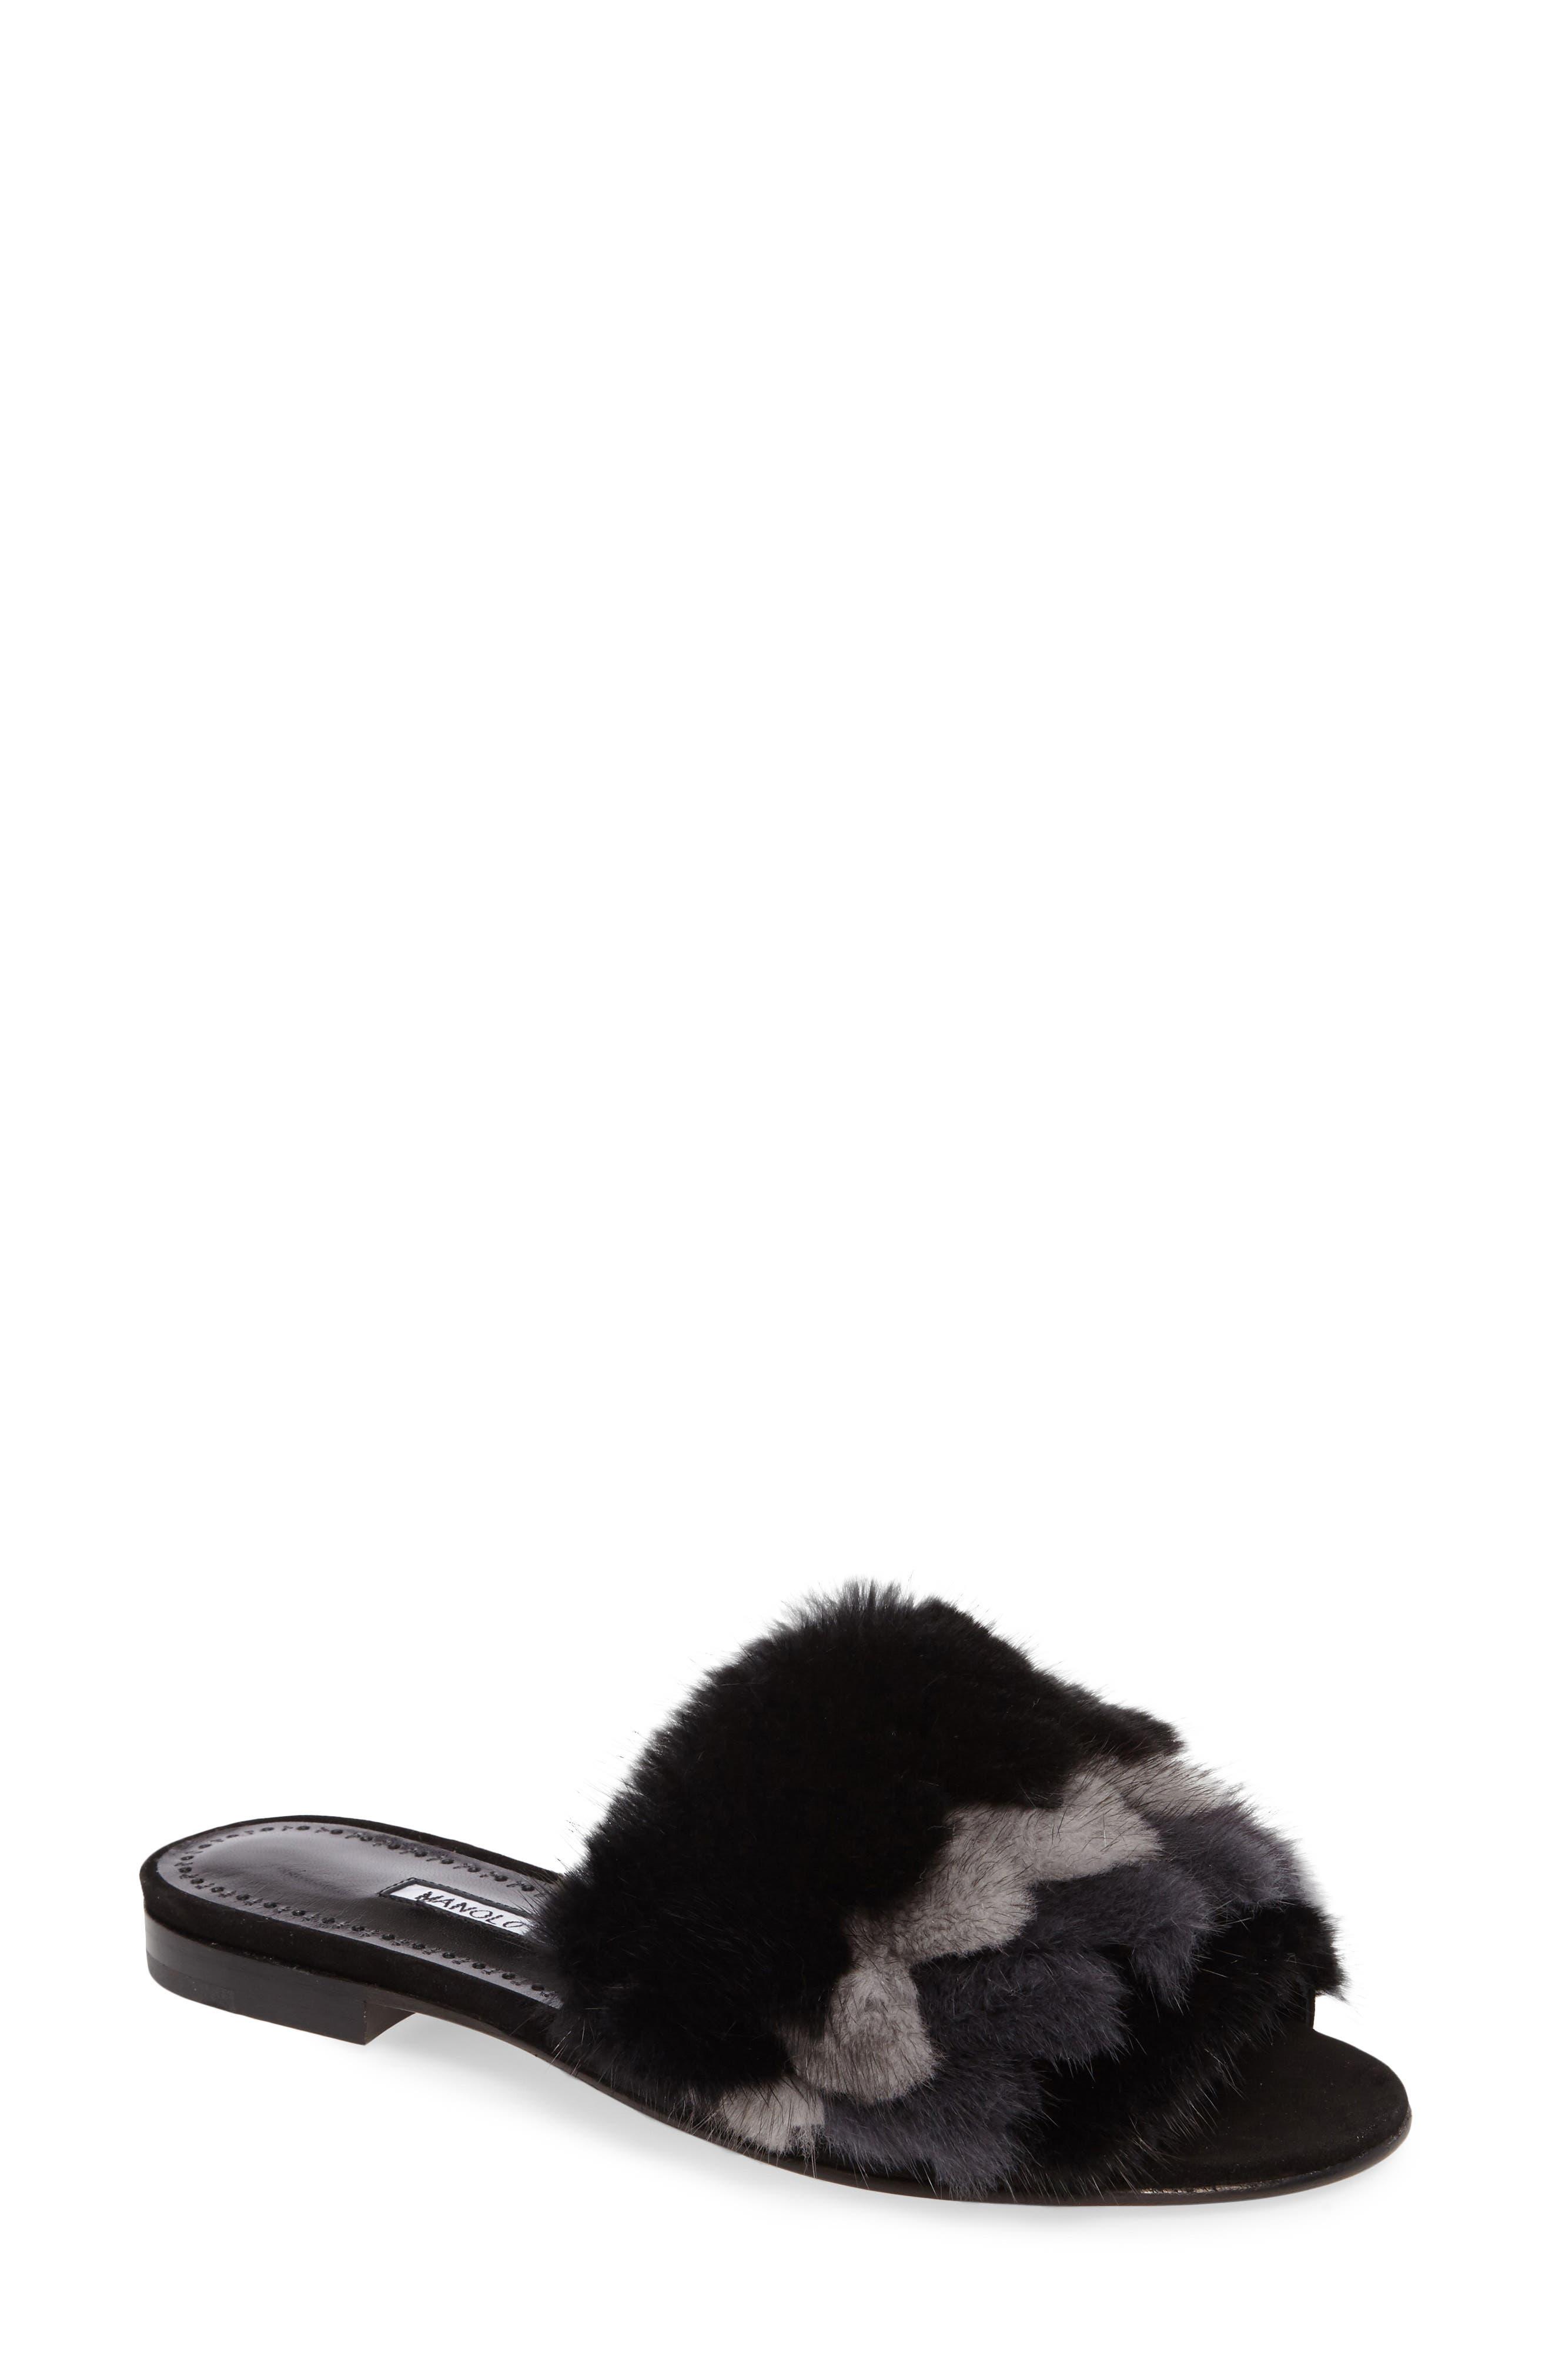 MANOLO BLAHNIK Pelosusmin Genuine Mink Fur Slide Sandal